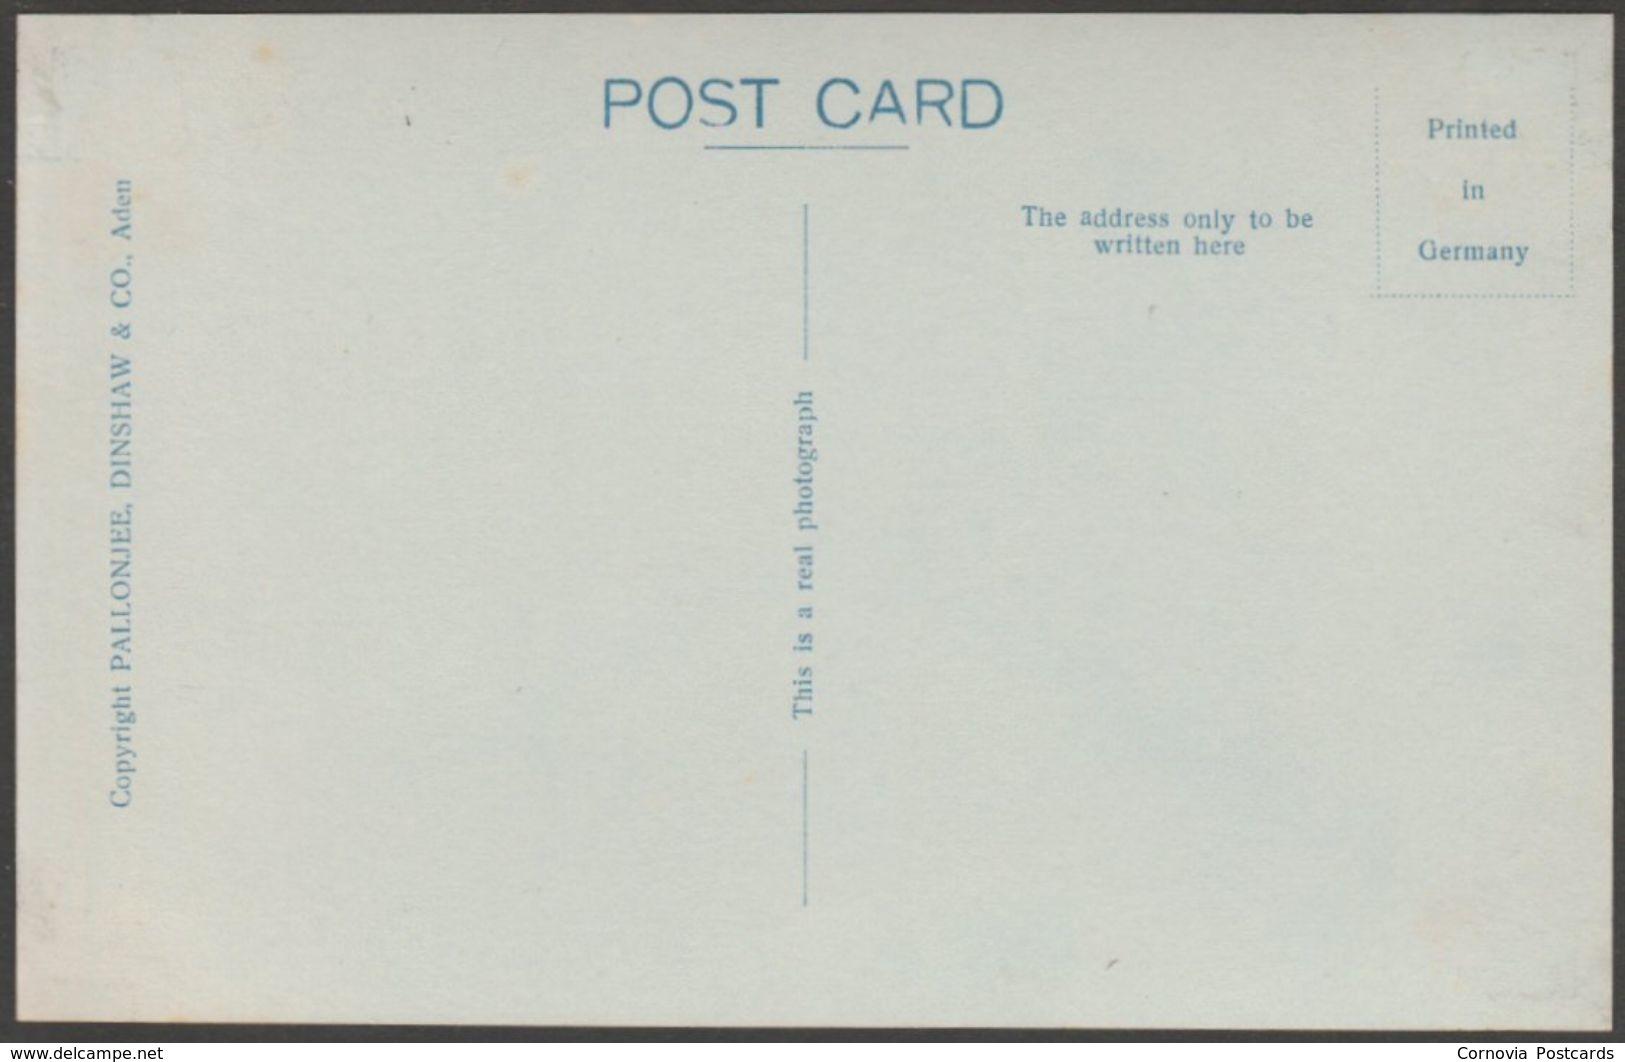 Esplanade Road, Crater, Aden, C.1920 - Pallonjee, Dinshaw & Co RP Postcard - Yemen